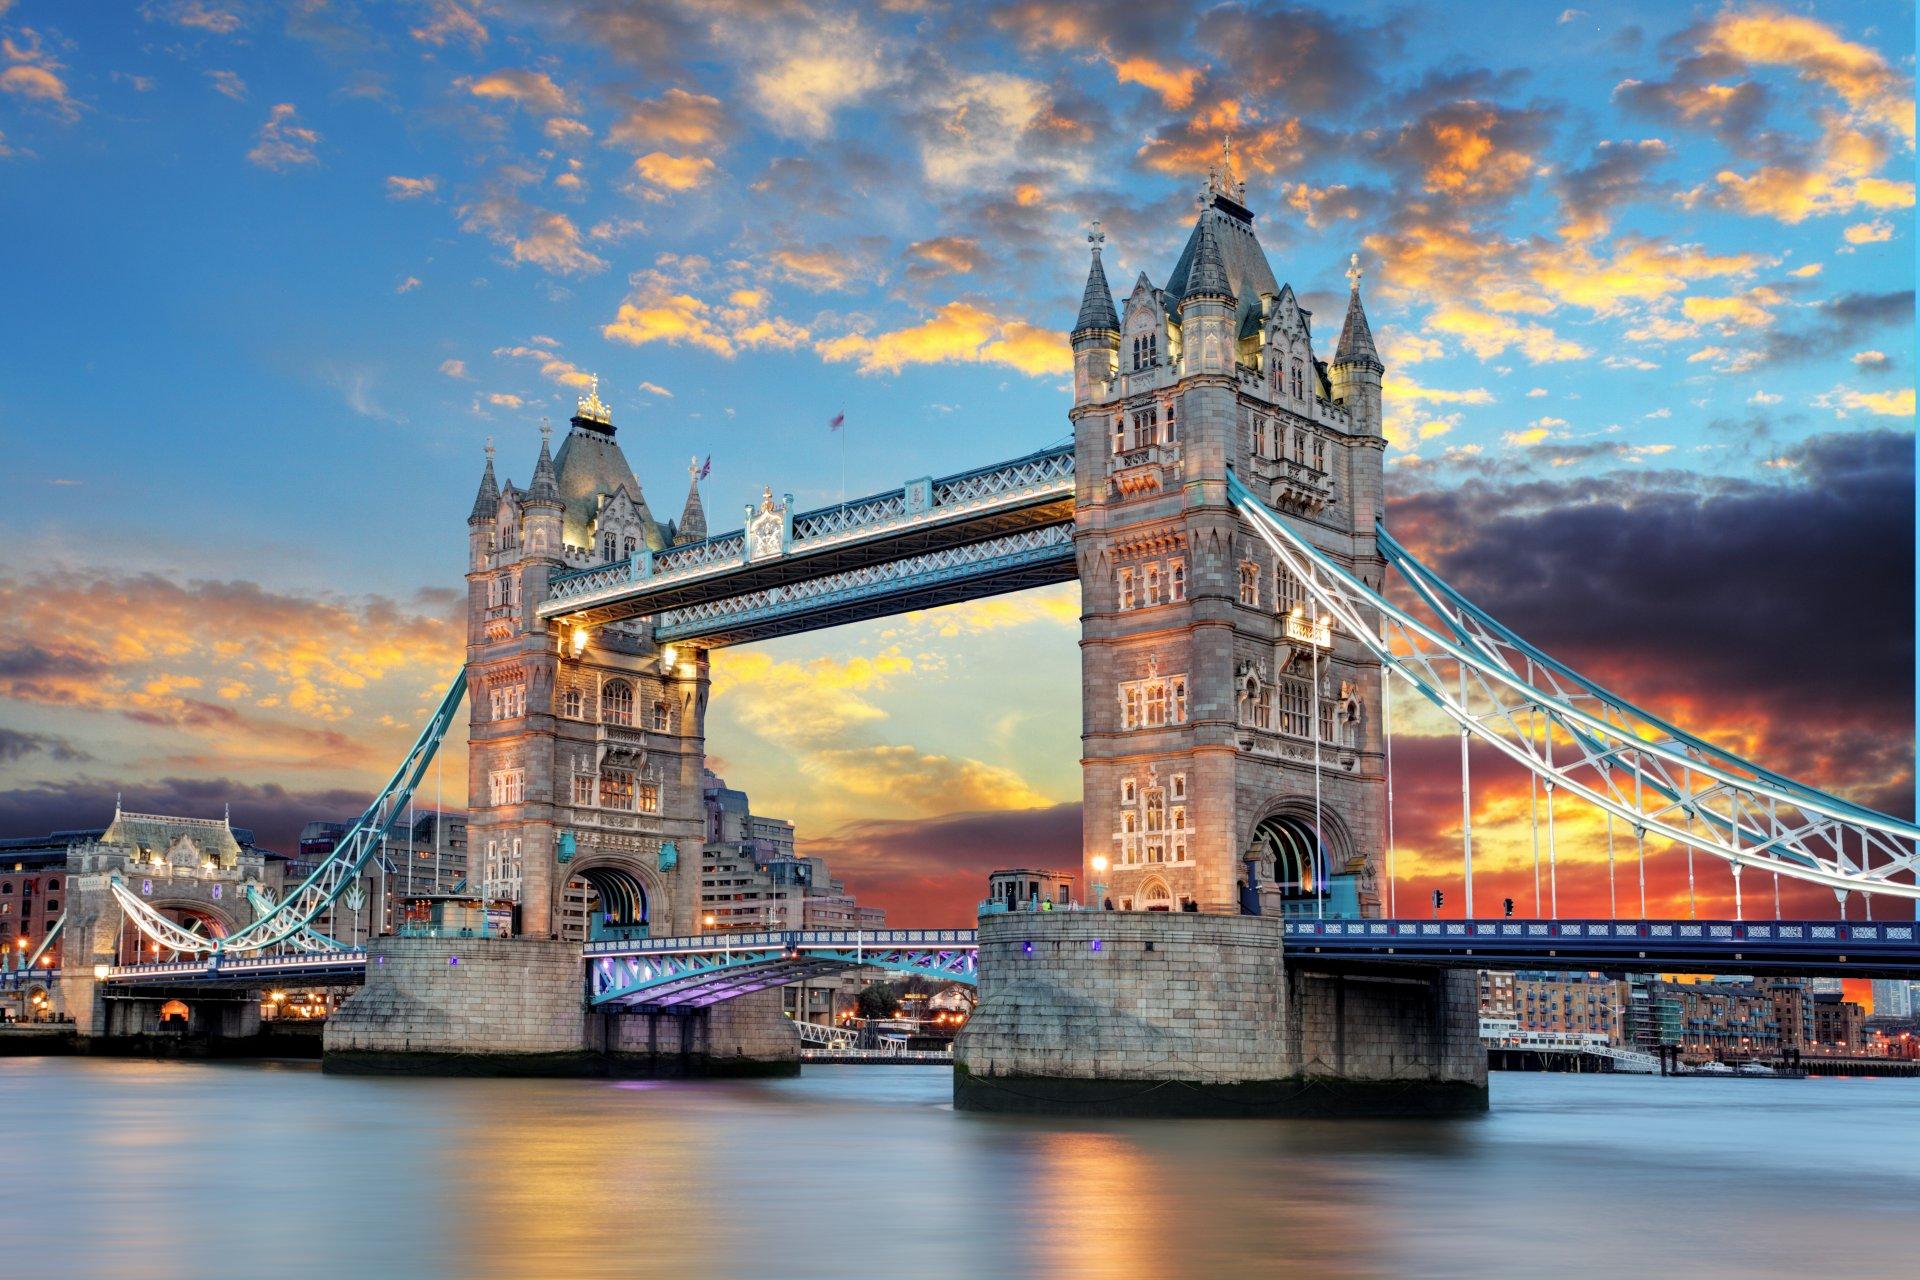 популярных плакатов фотографии лондона в хорошем качестве голубая